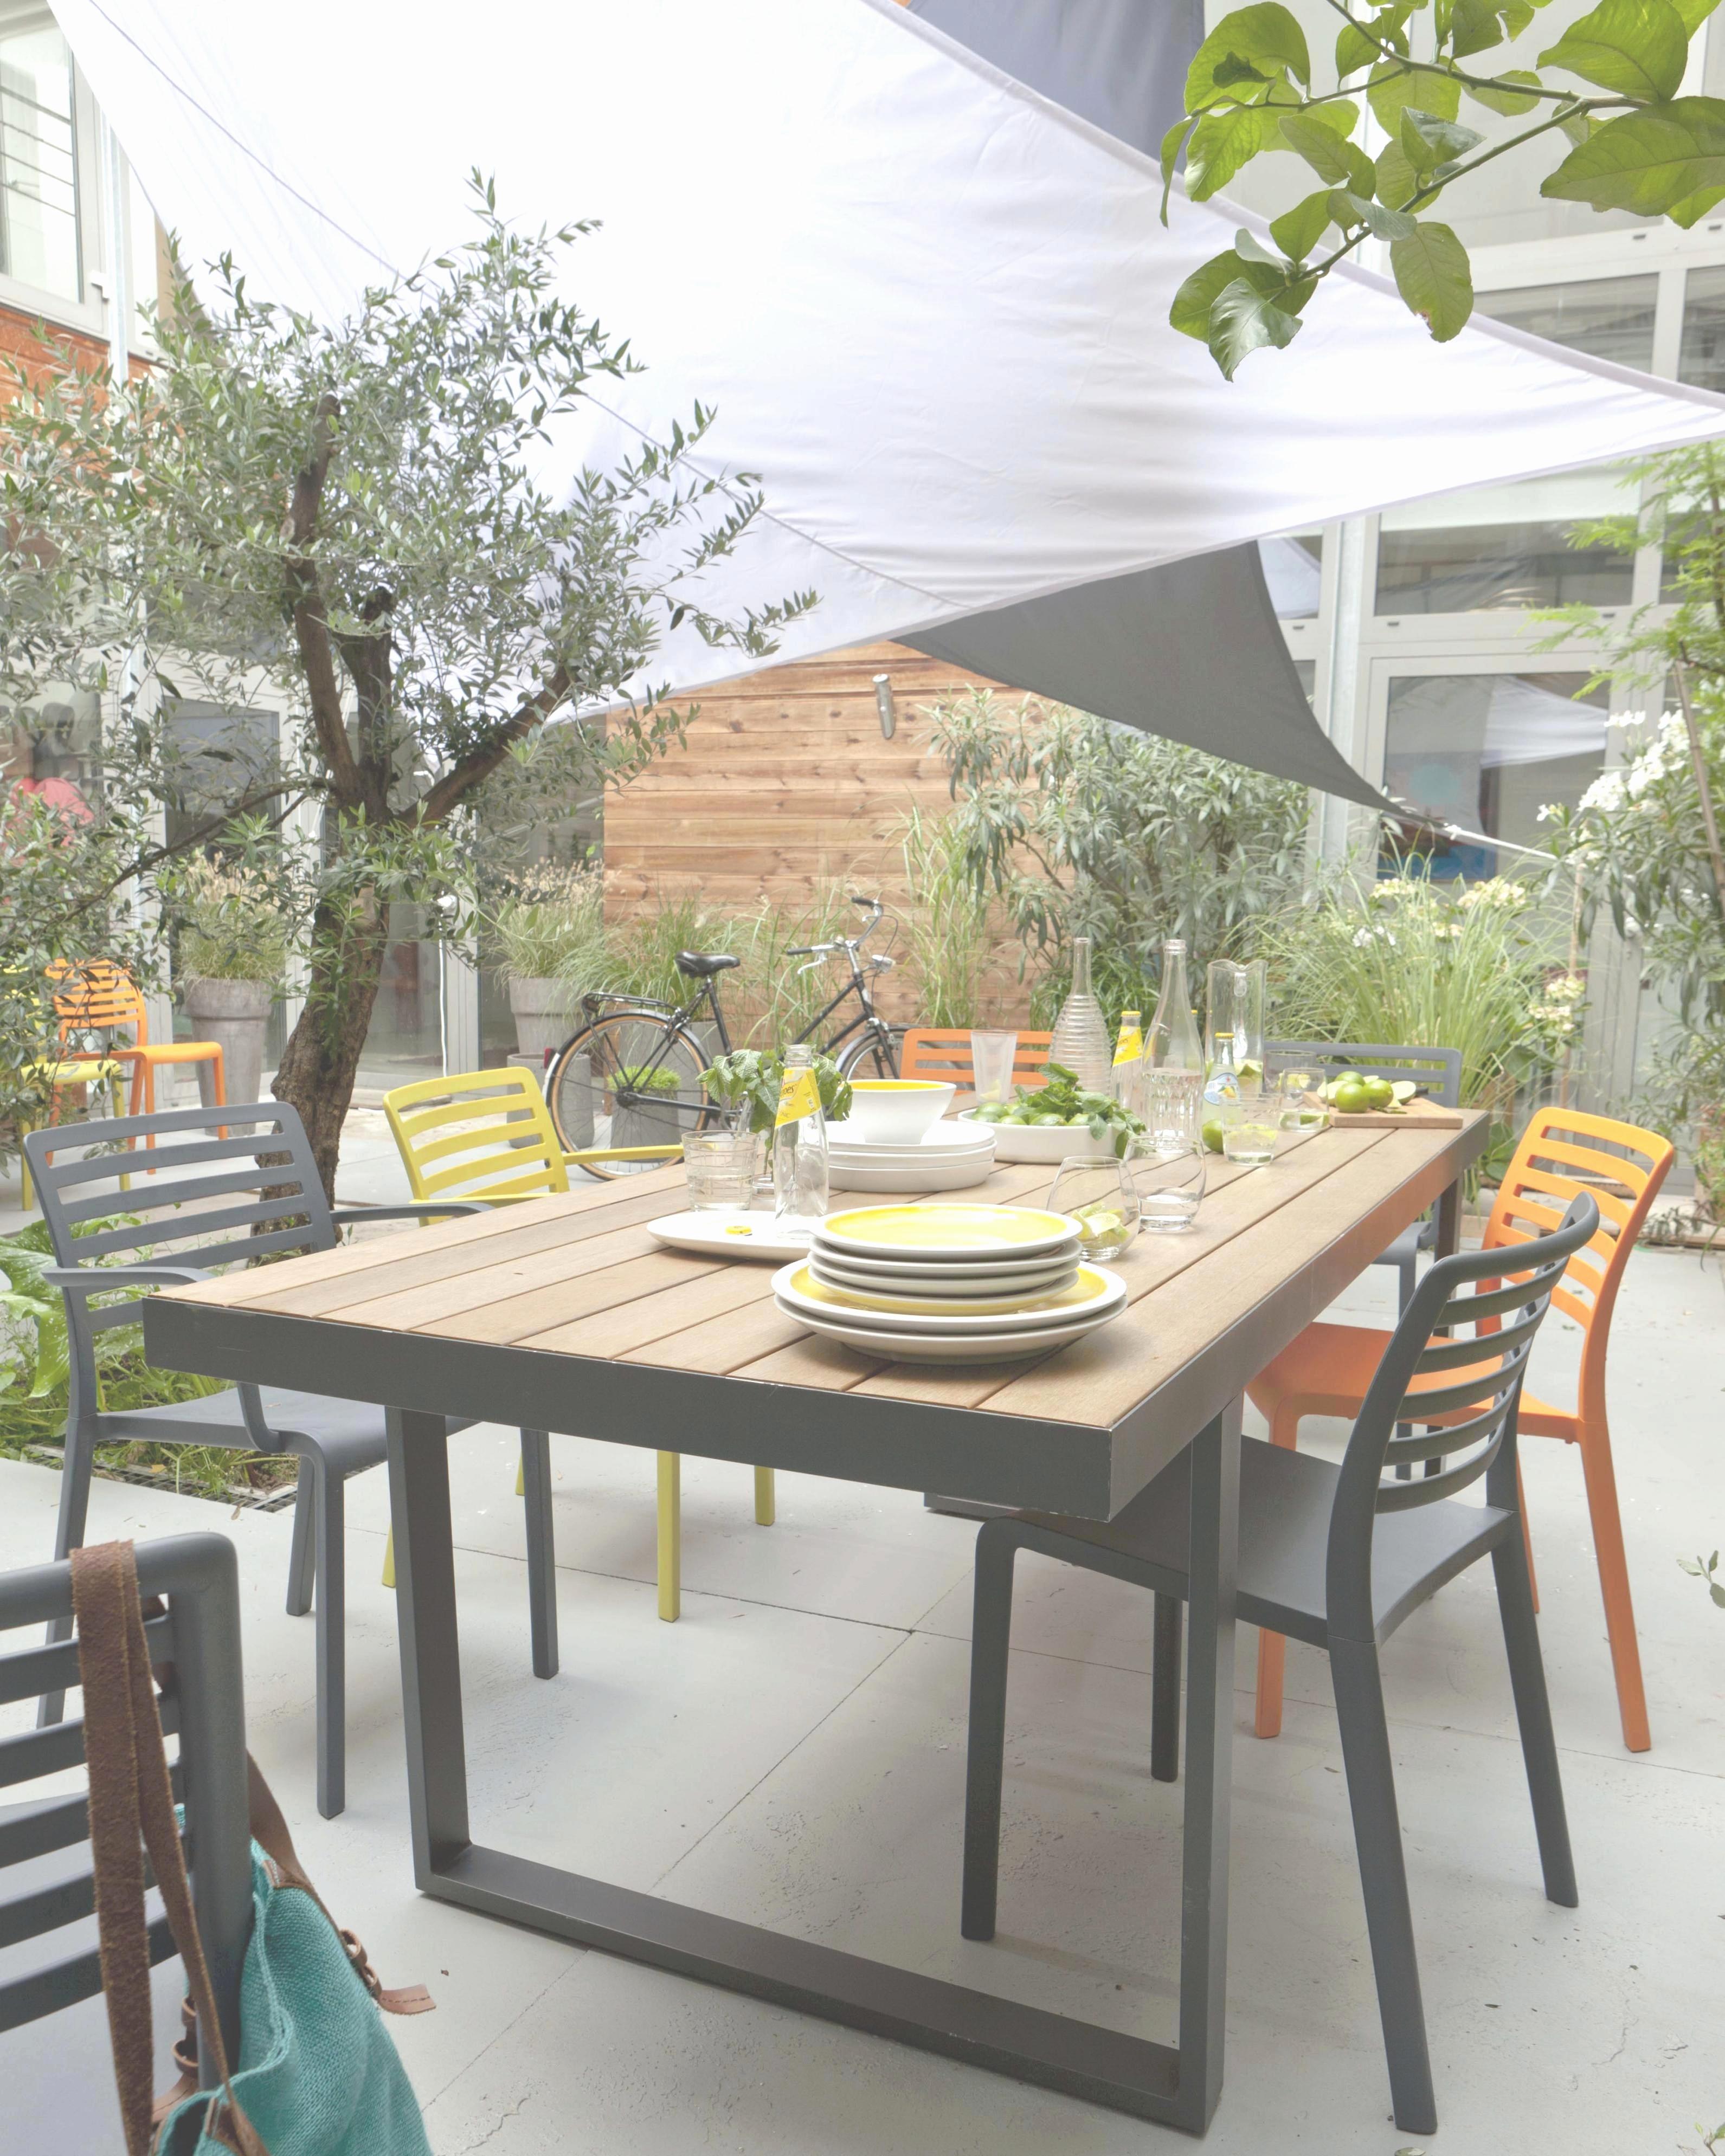 Mobilier Jardin Castorama Nouveau Photos Chaise Avec Accoudoir Pour Personne Agée Génial 44 Luxe De Mobilier